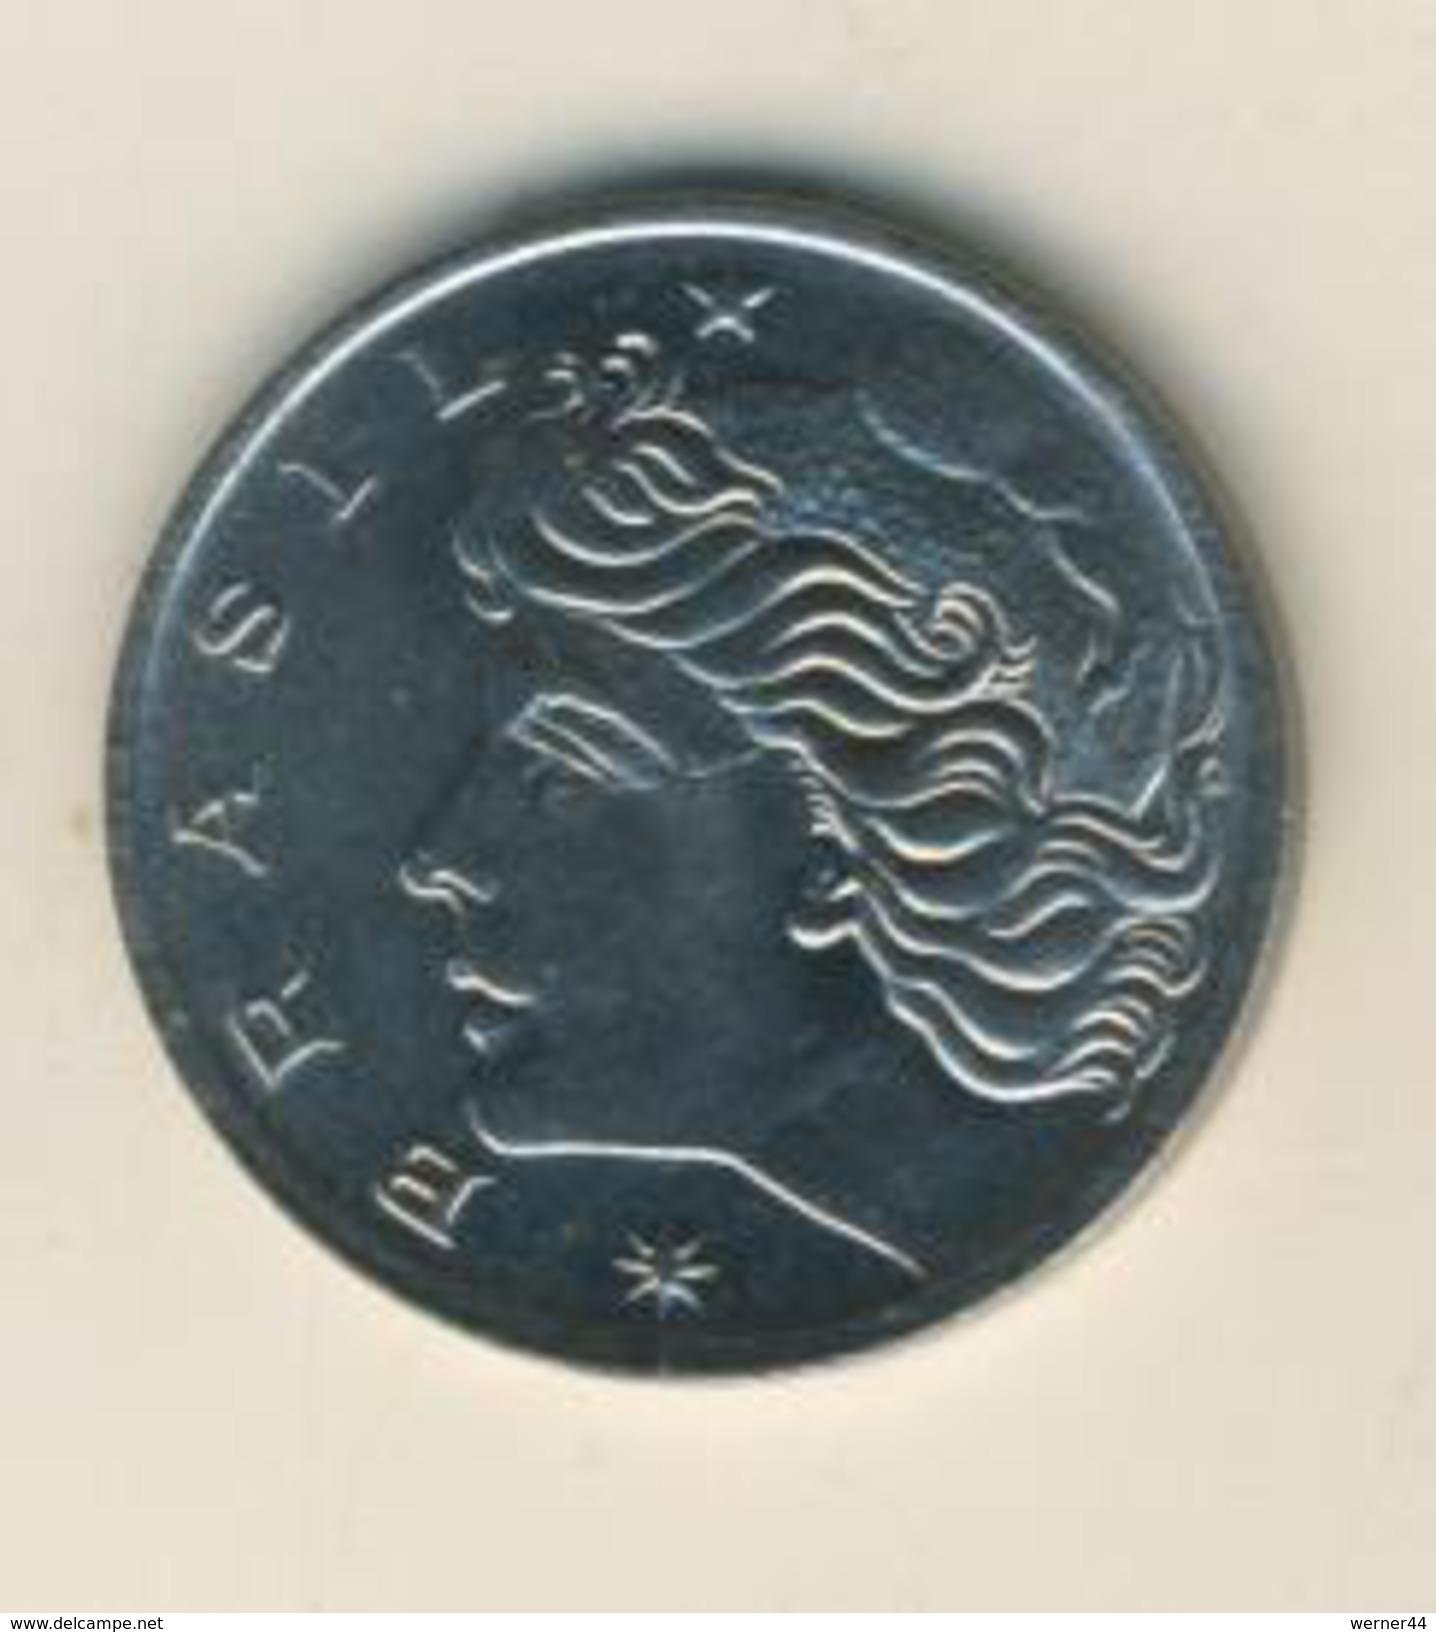 Brasilien V. 1973  1 Centavo  (48022) - Brasilien